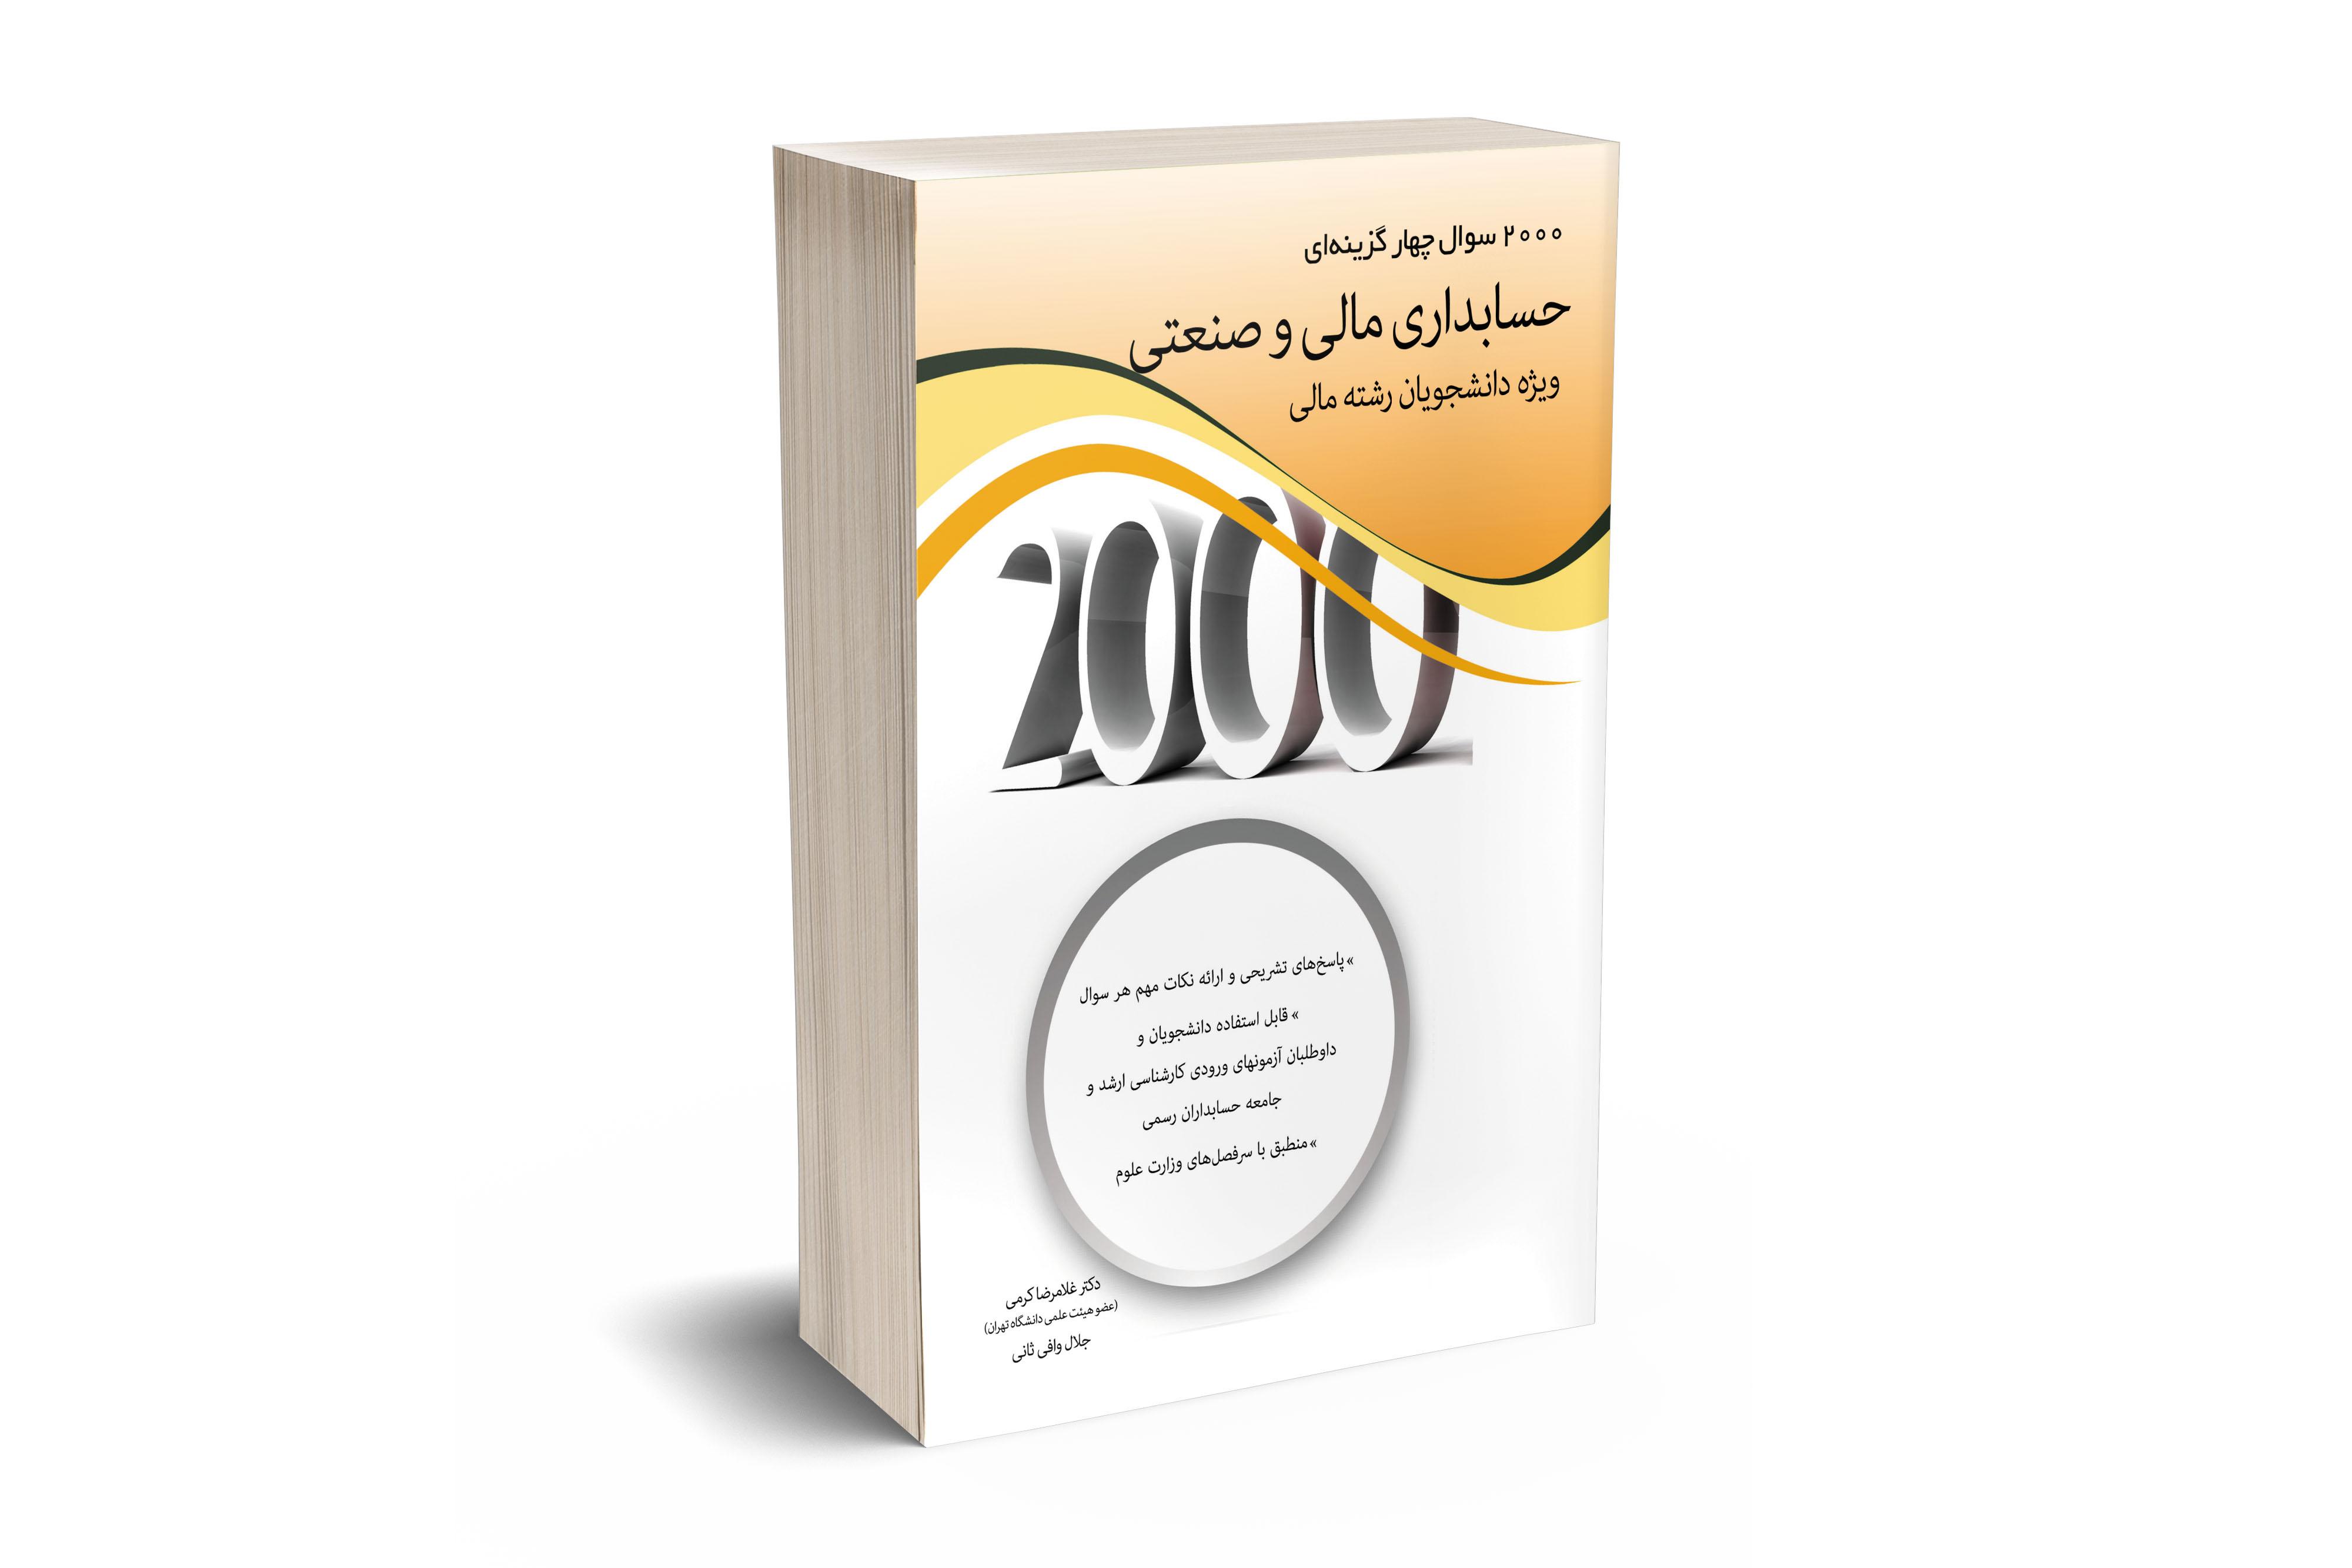 2000 سوال چهارگزینه ای حسابداری مالی و صنعتی